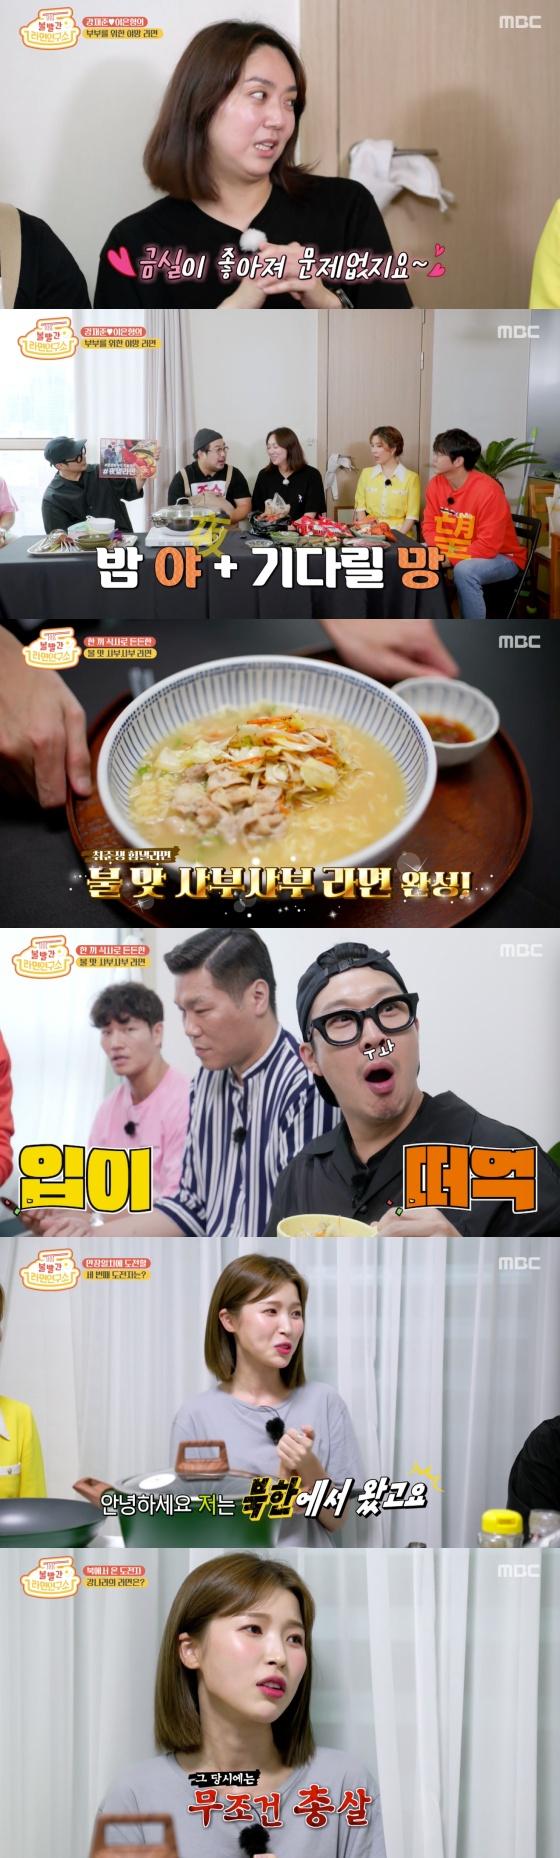 /사진=MBC 예능 프로그램 '볼빨간 라면연구소' 방송화면 캡처